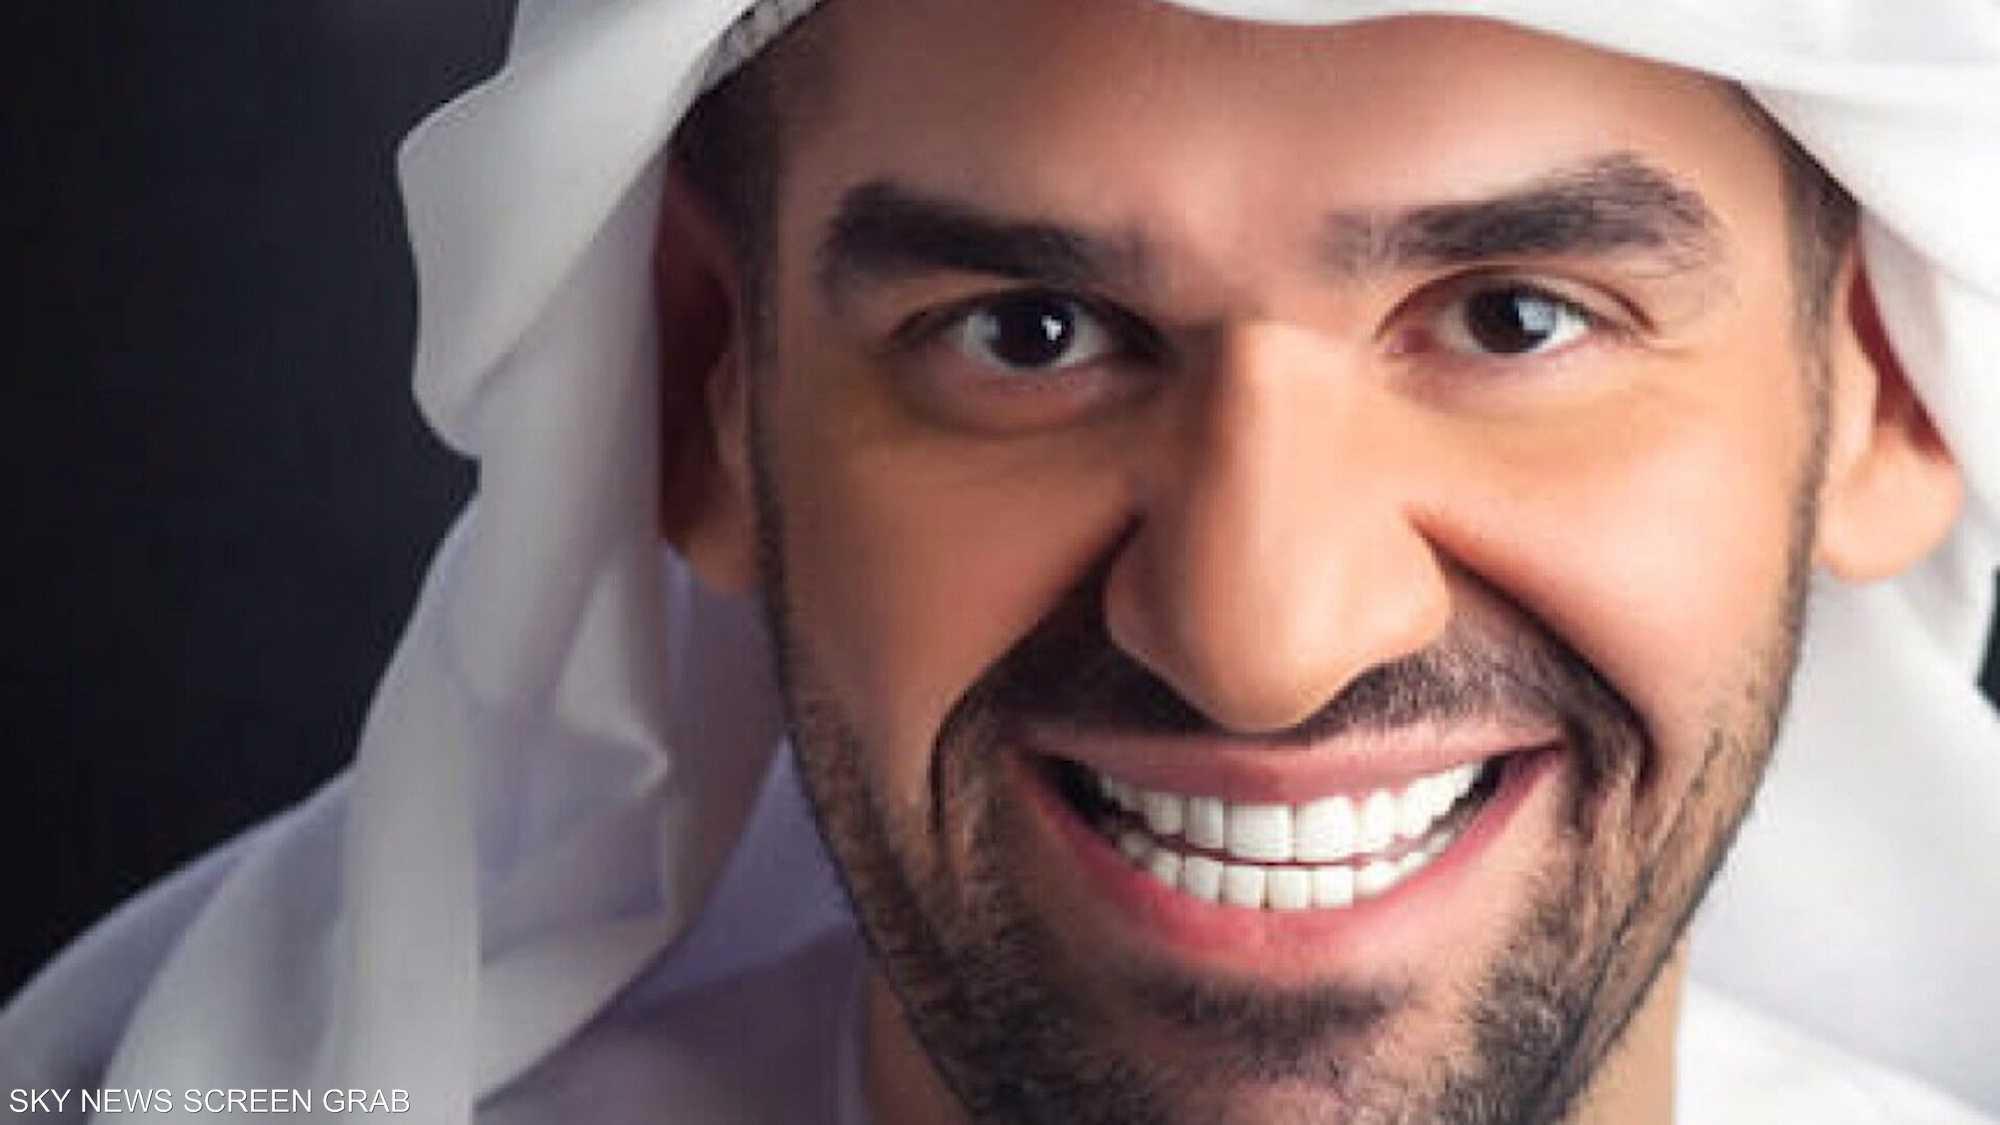 """حسين الجسمي يهدي أغنية """"بنعدي"""" إلى دول الخليج والعالم العربي"""